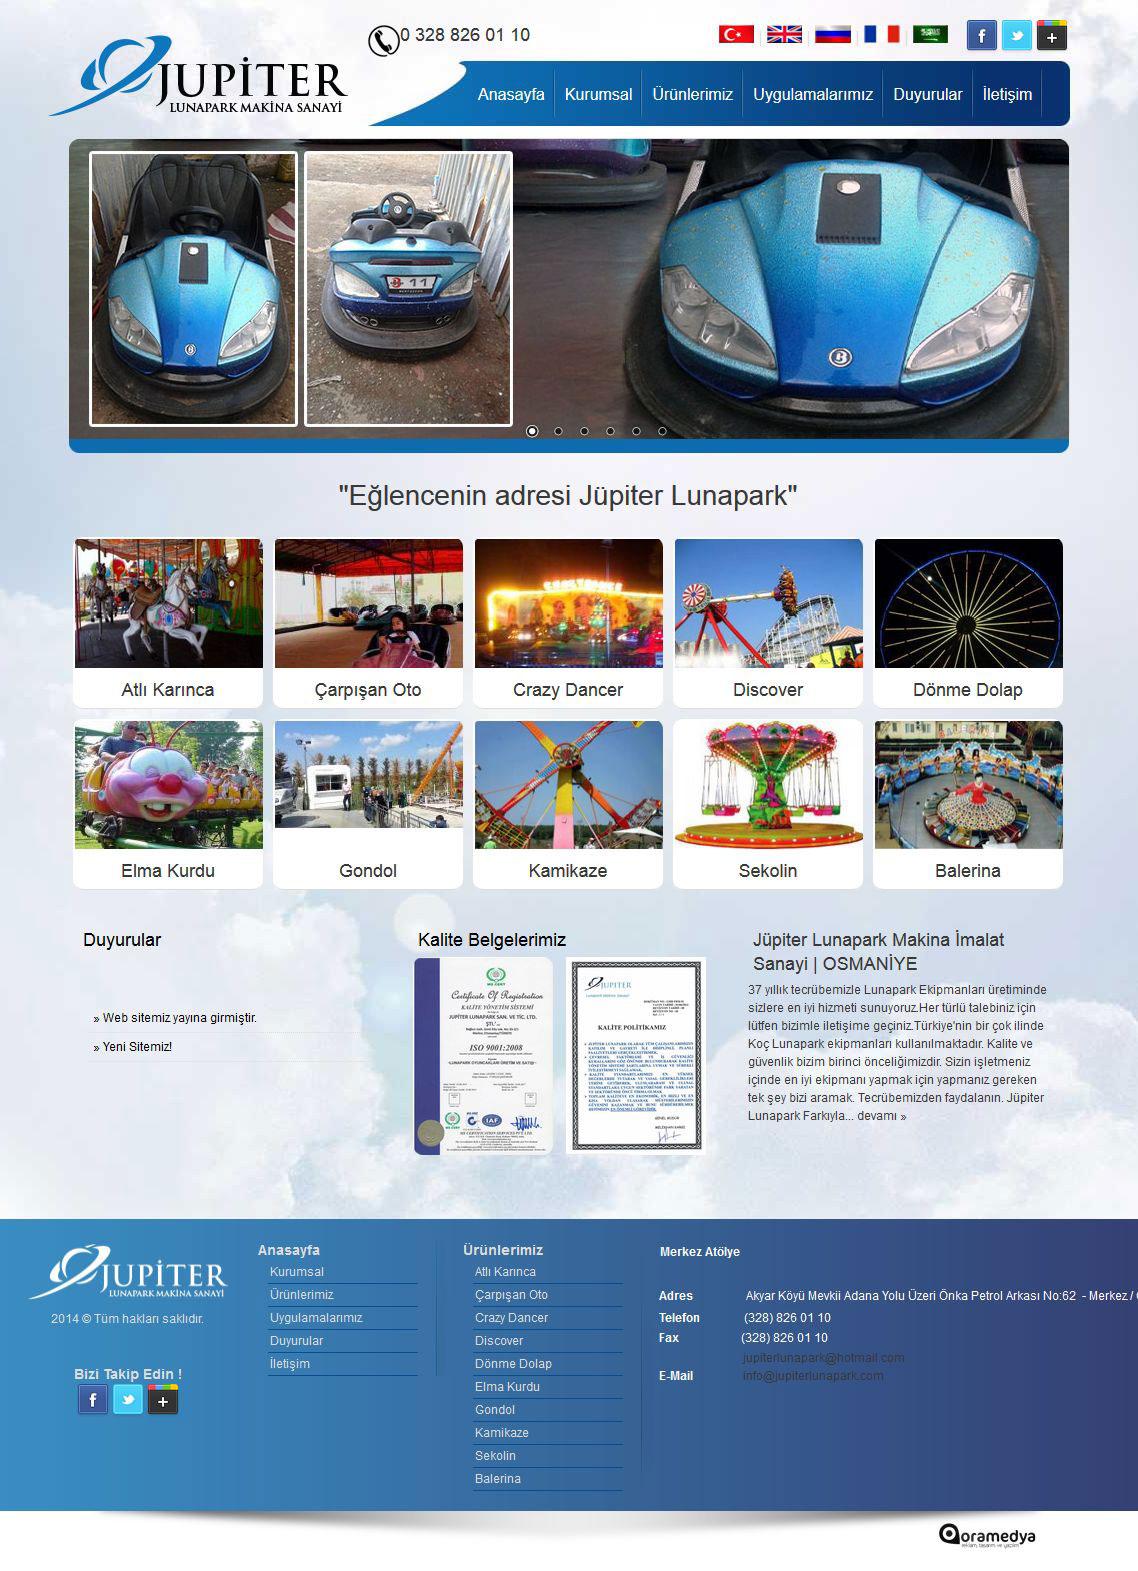 Jüpiter Lunapark Makina İmalat Sanayi Osmaniye Web Tasarım